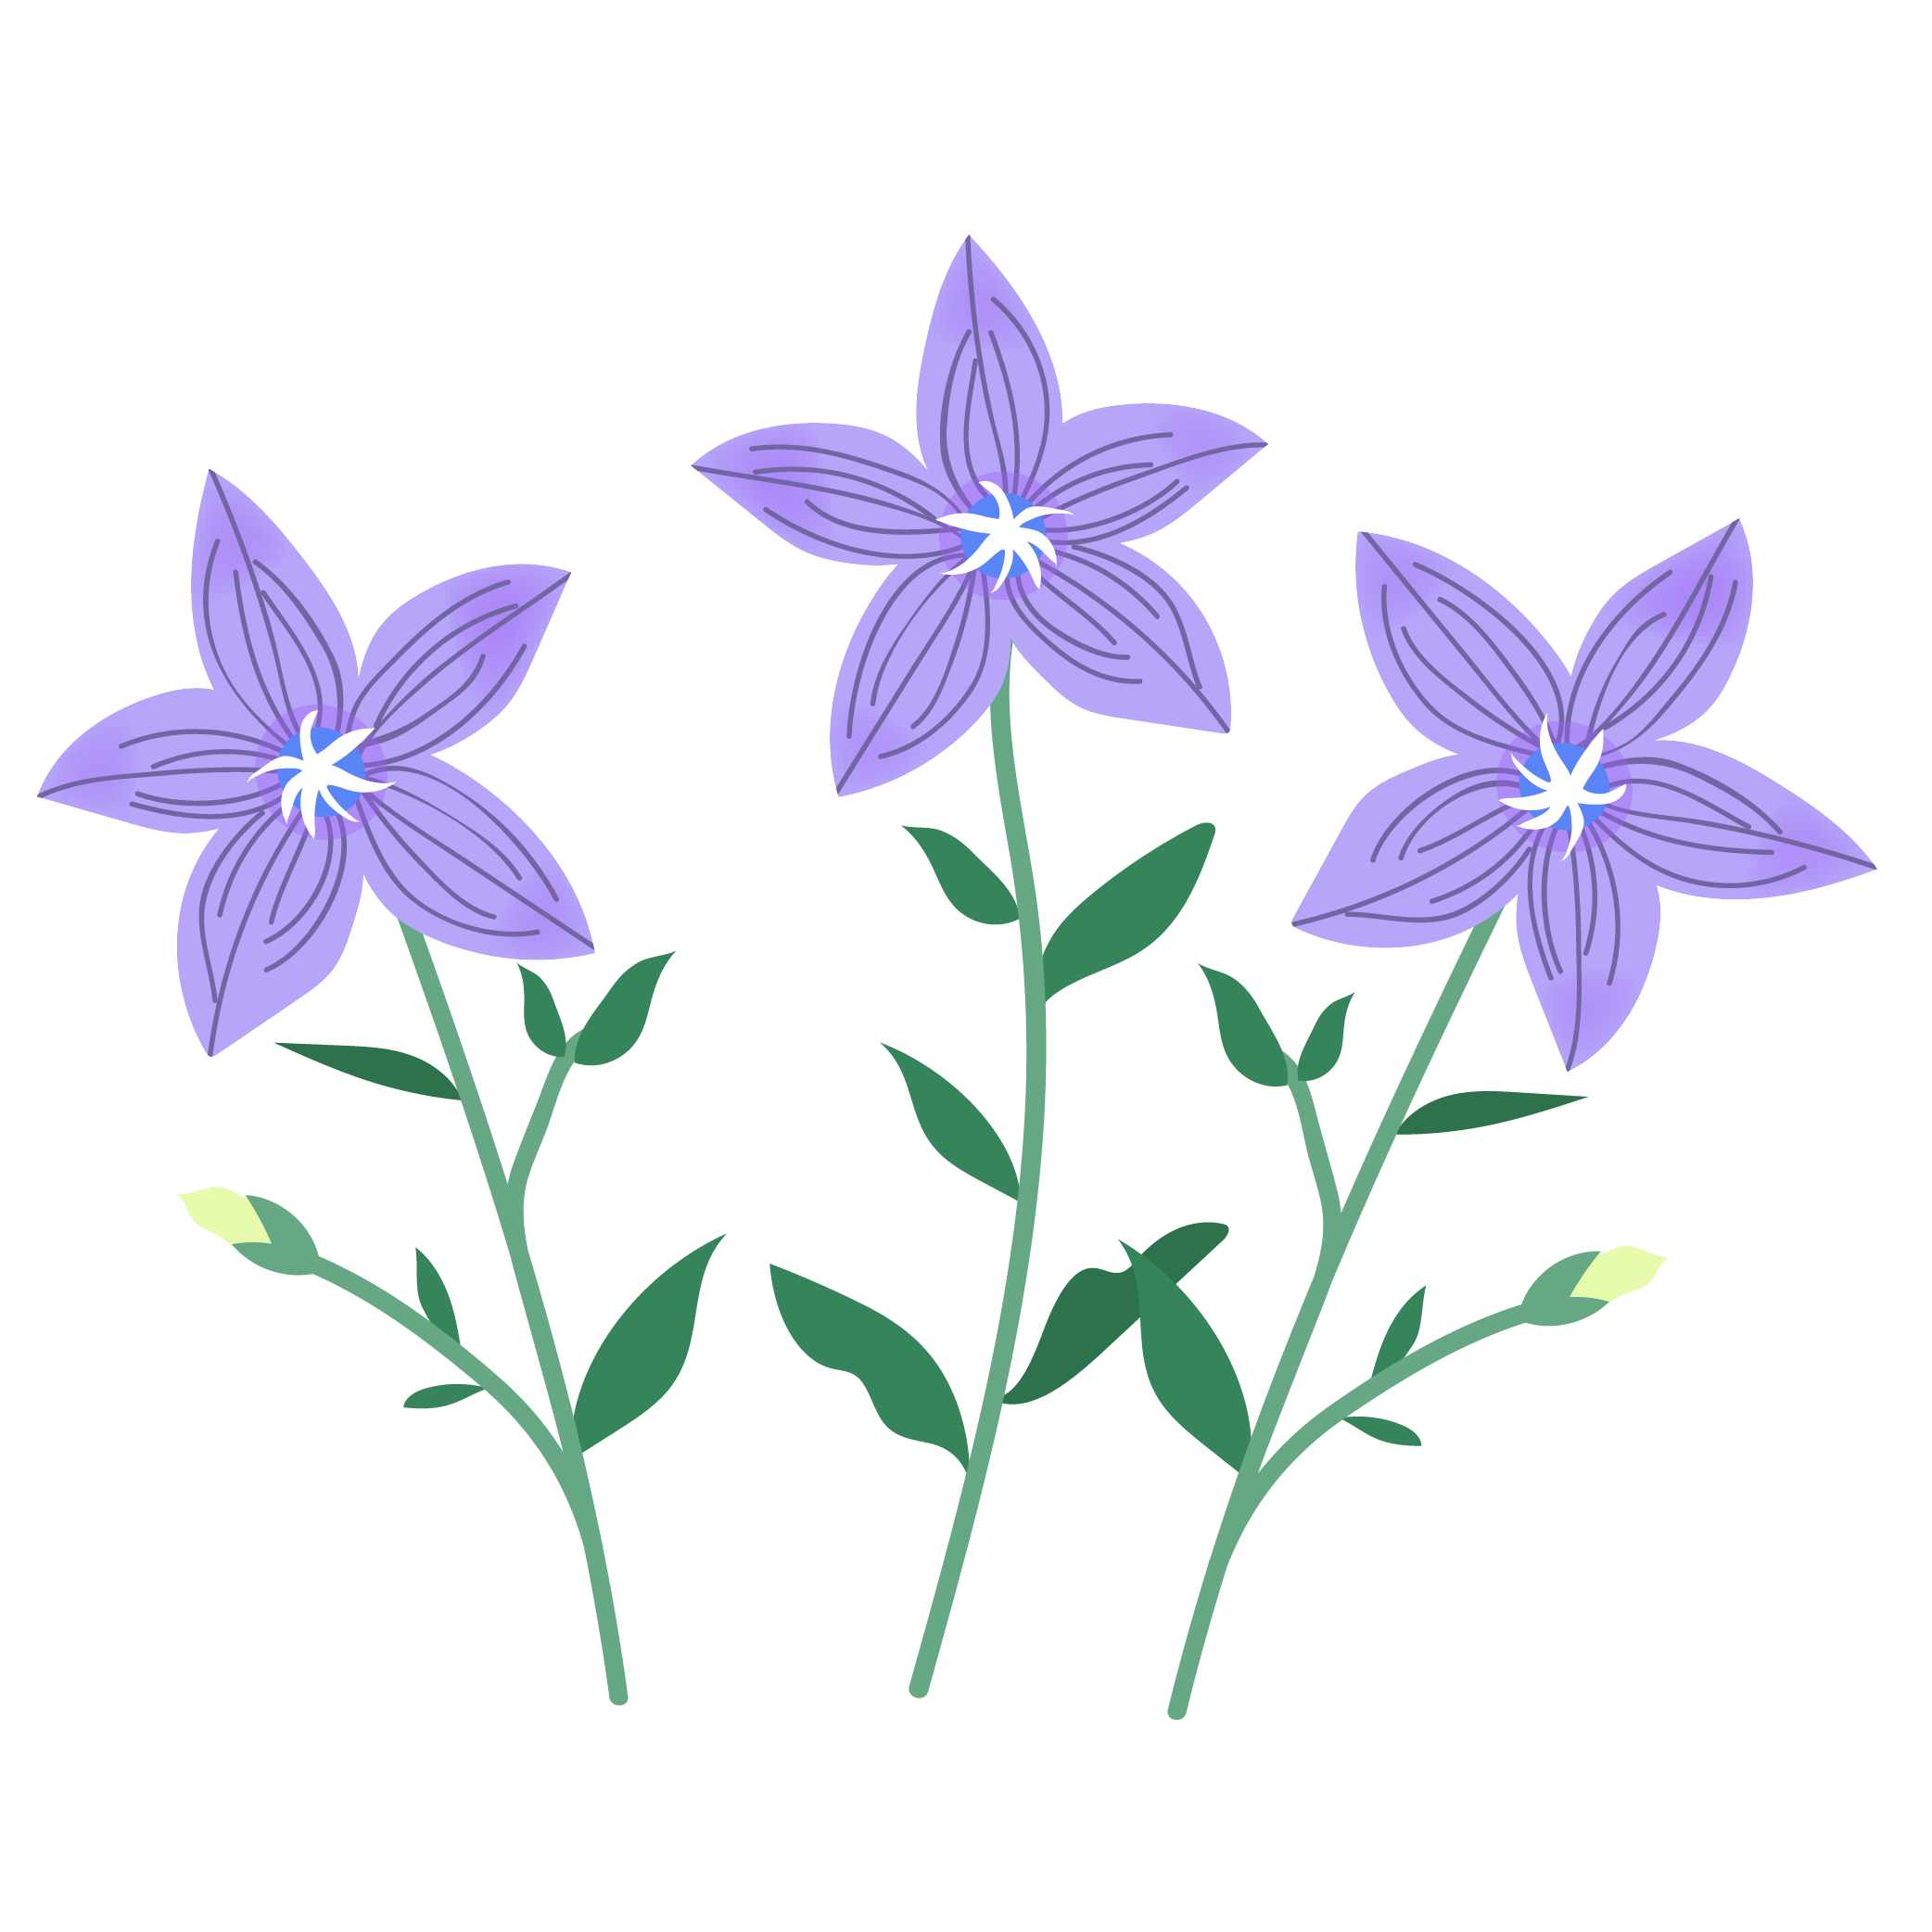 桔梗・キキョウ(英語:Chinese-bellflower)秋の花のイラスト